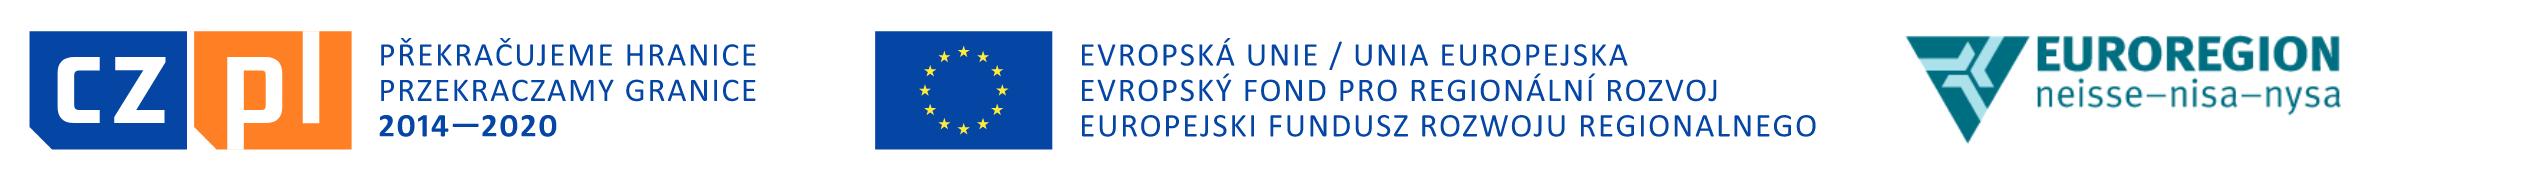 LOGOTYPY PROGRAMU POLSKO-CZESKIEGO I EUROREGIONU NYSA